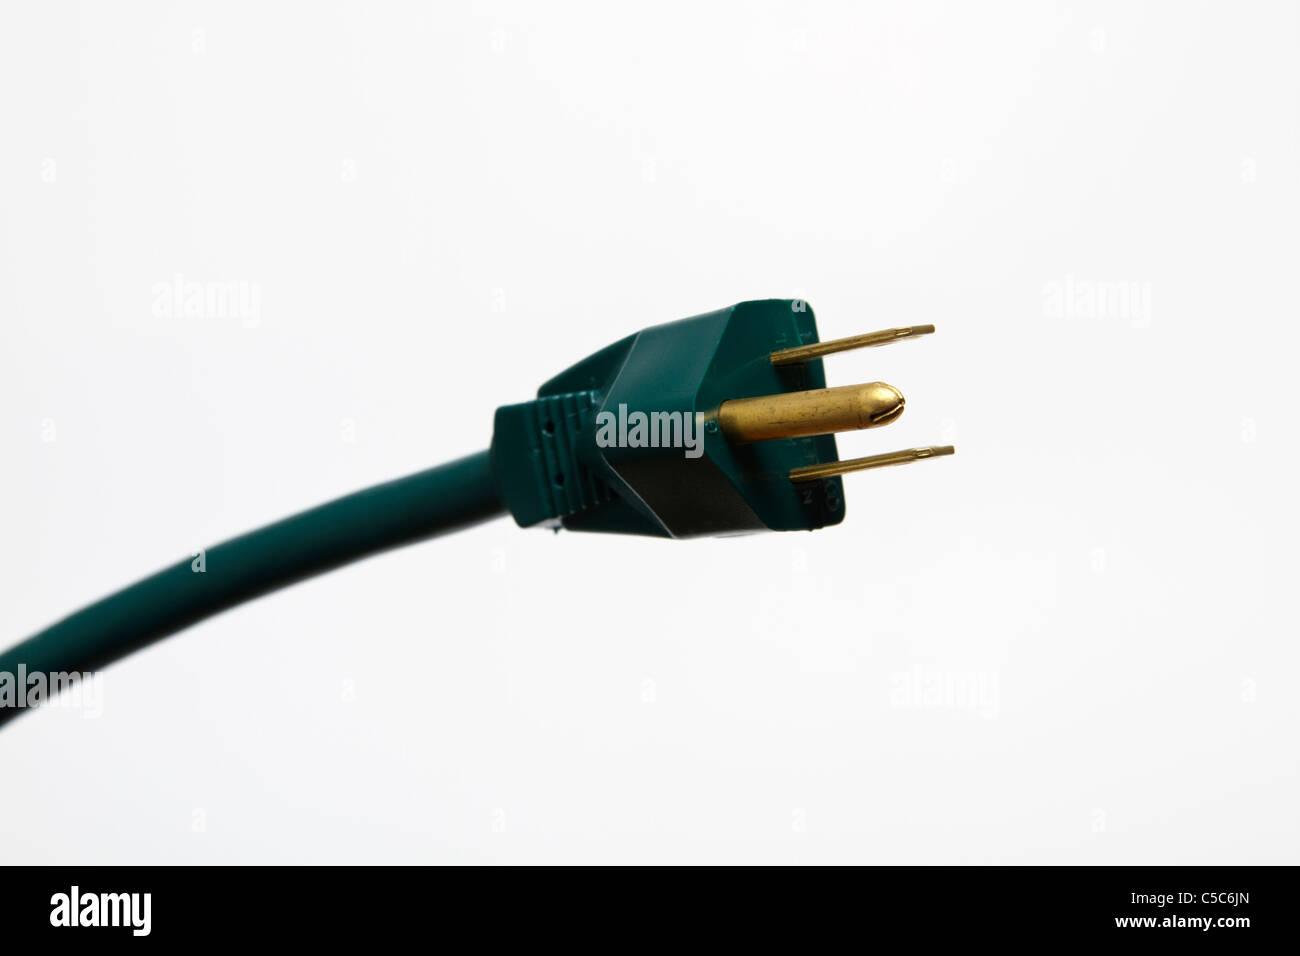 Wunderbar Usa Elektrische Stecker Fotos - Der Schaltplan - triangre.info